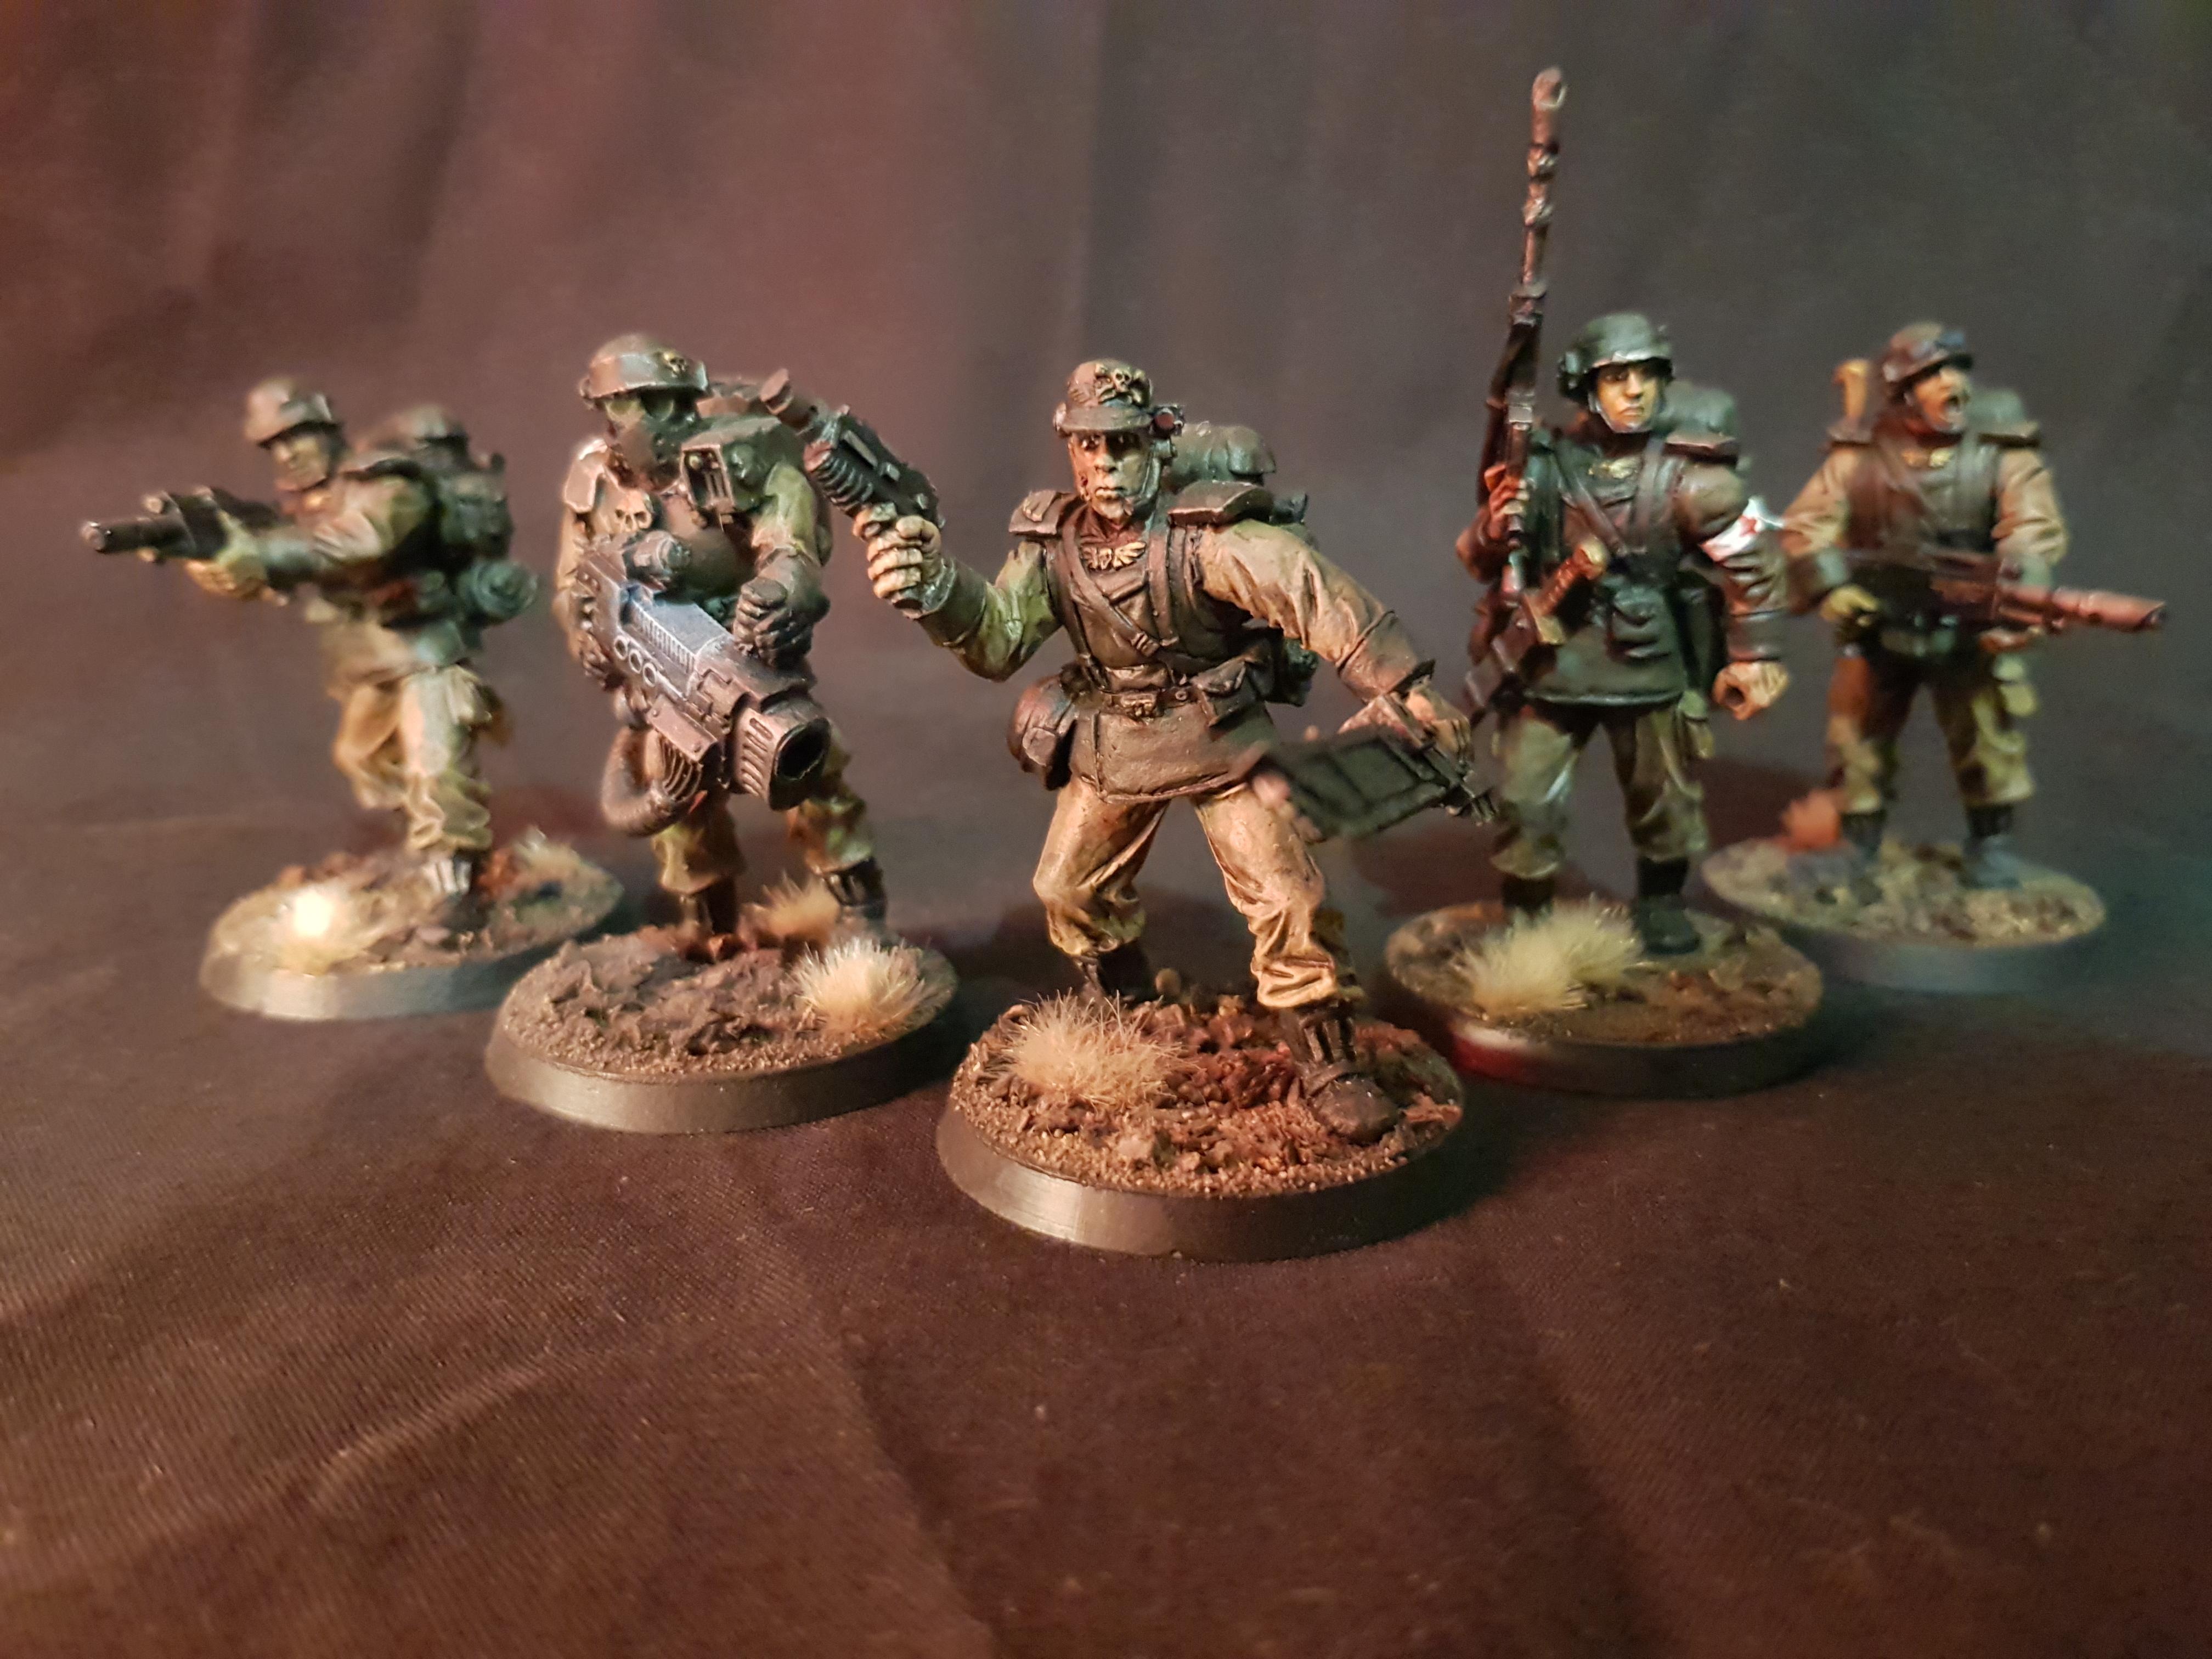 54mm, Alternate, Astra Militarum, Custom, Imperial Guard, Infantry, Inquisitor, Medic